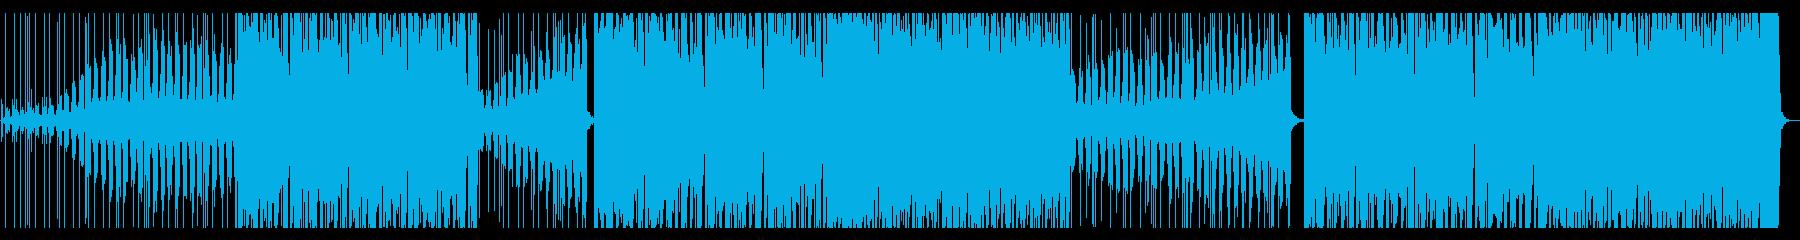 駆け抜けるエレクトロの再生済みの波形